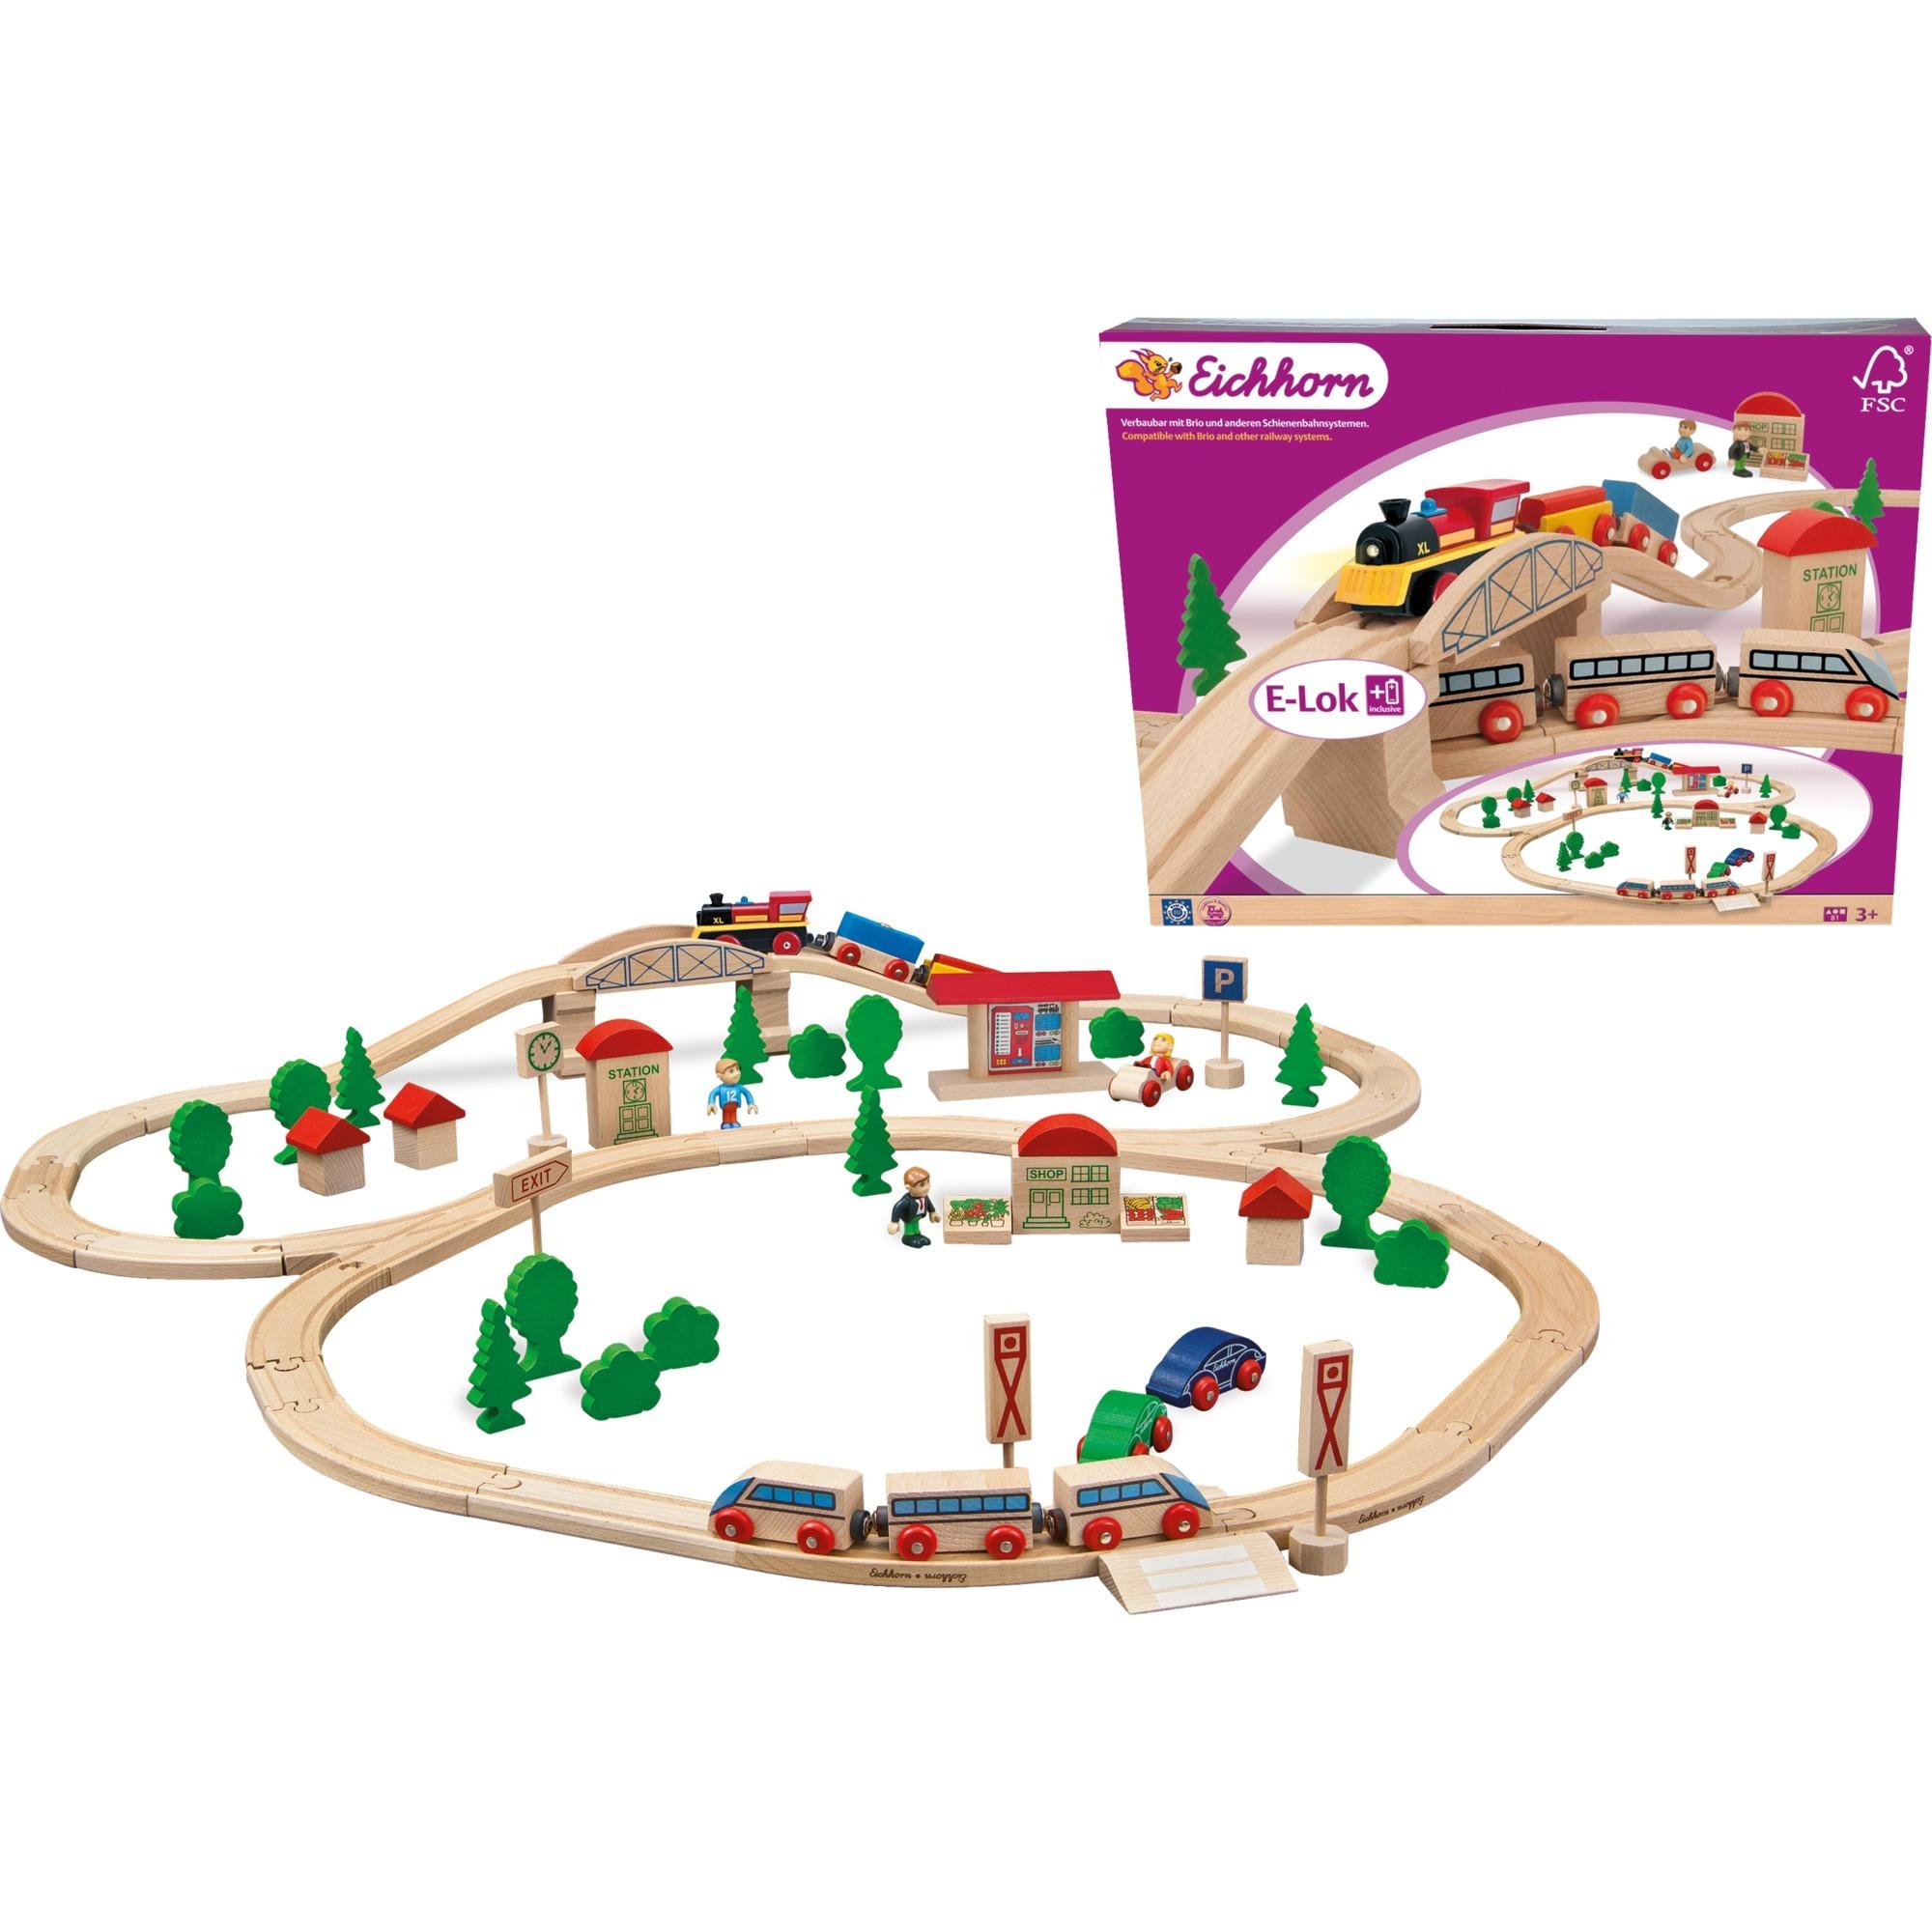 100001265 modelo de ferrocarril y tren, Juegos de construcción